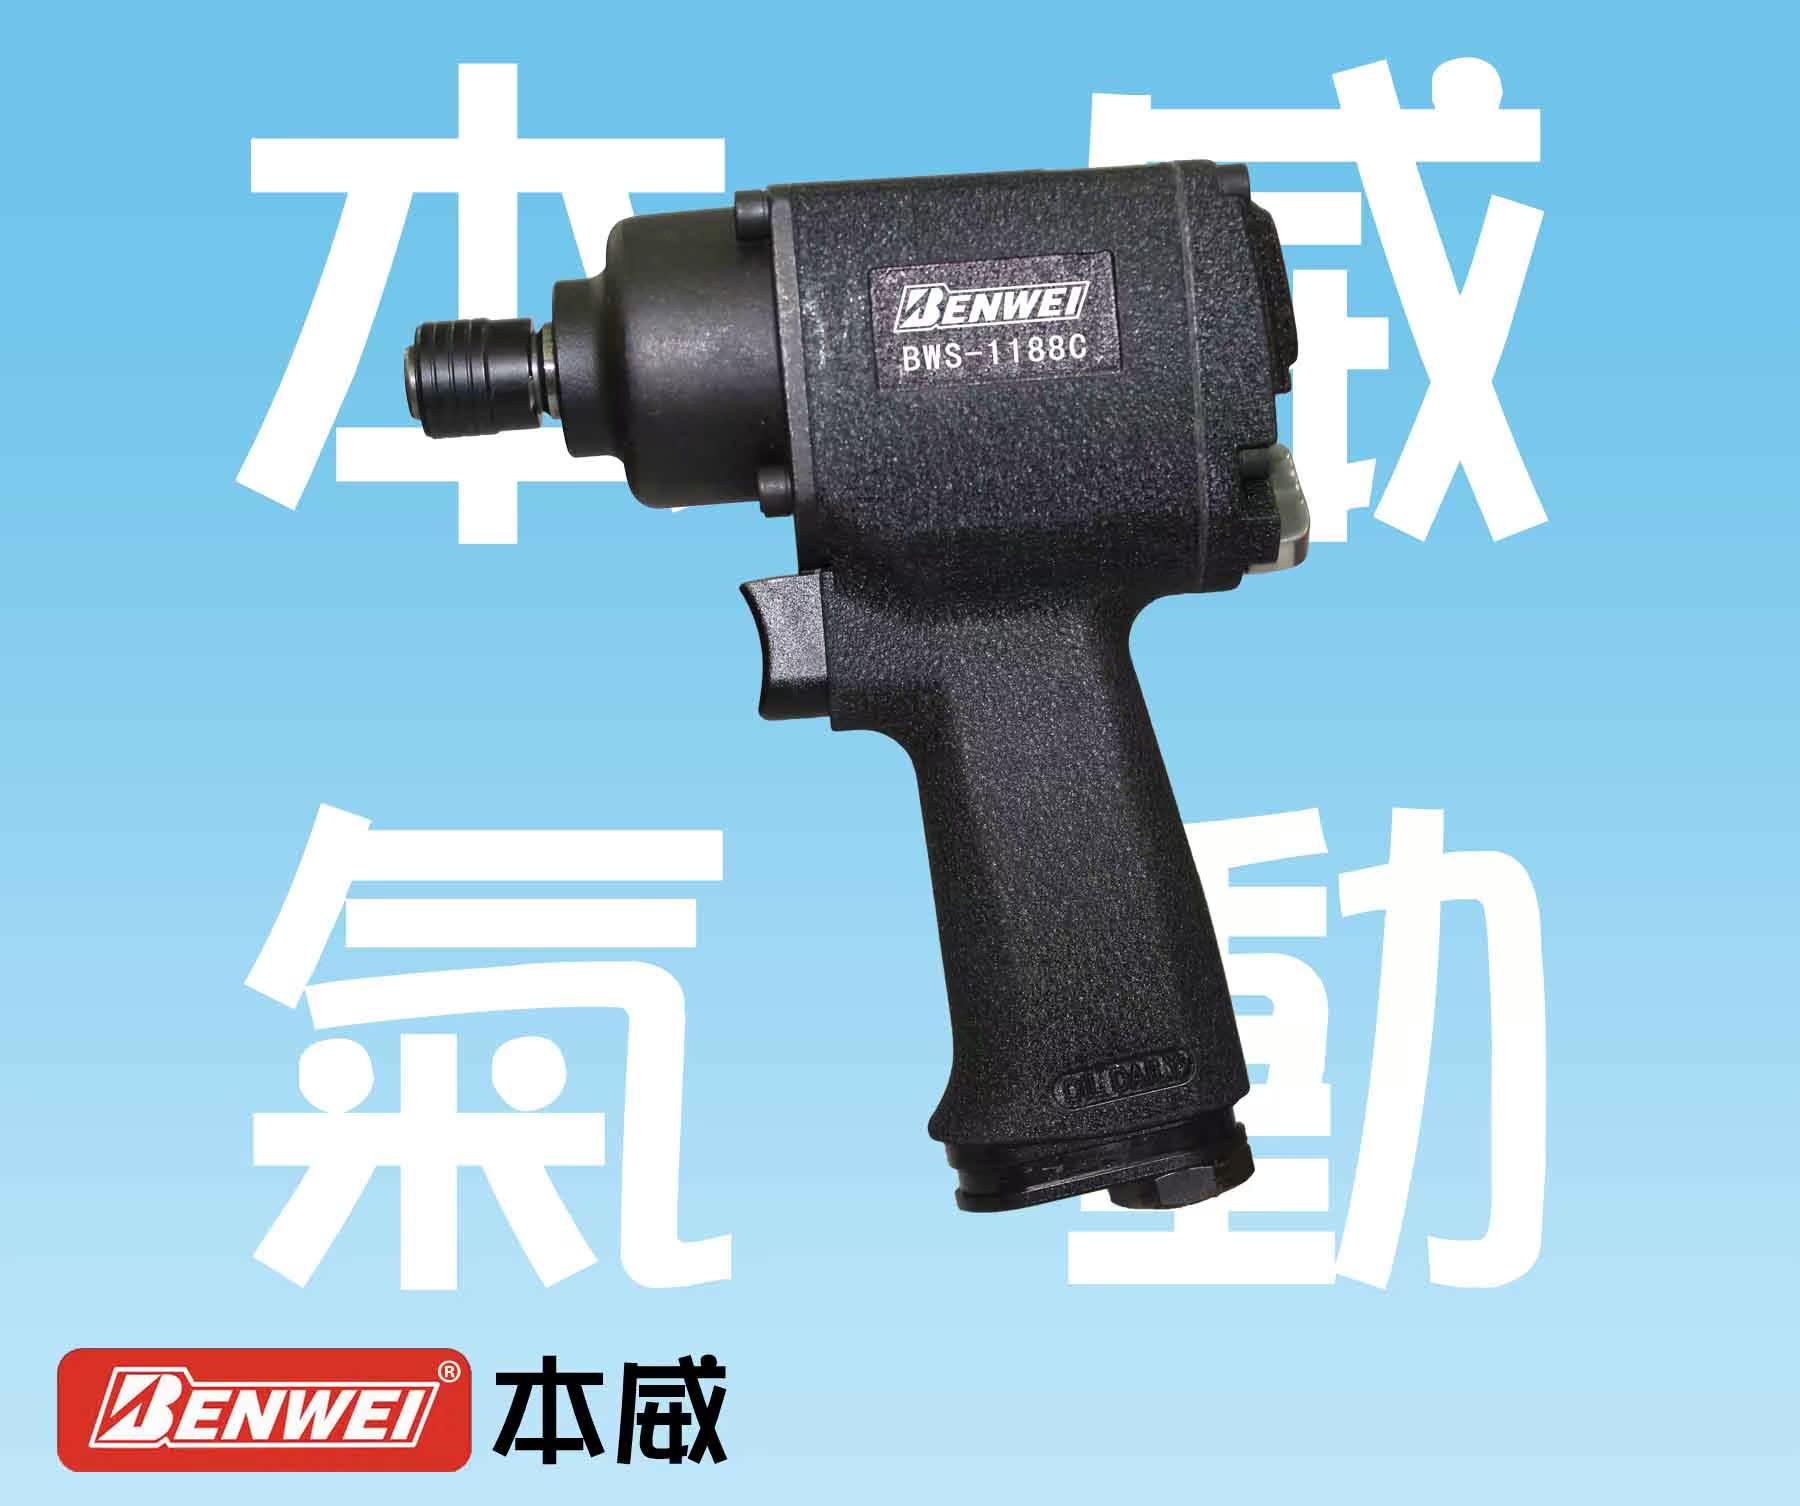 tchaj - wan 本威 BWR-1188C zbraňová pneumatické elevátory otřesům vítr šarže pneumatické šroubovák výrobců, přímé prodeje